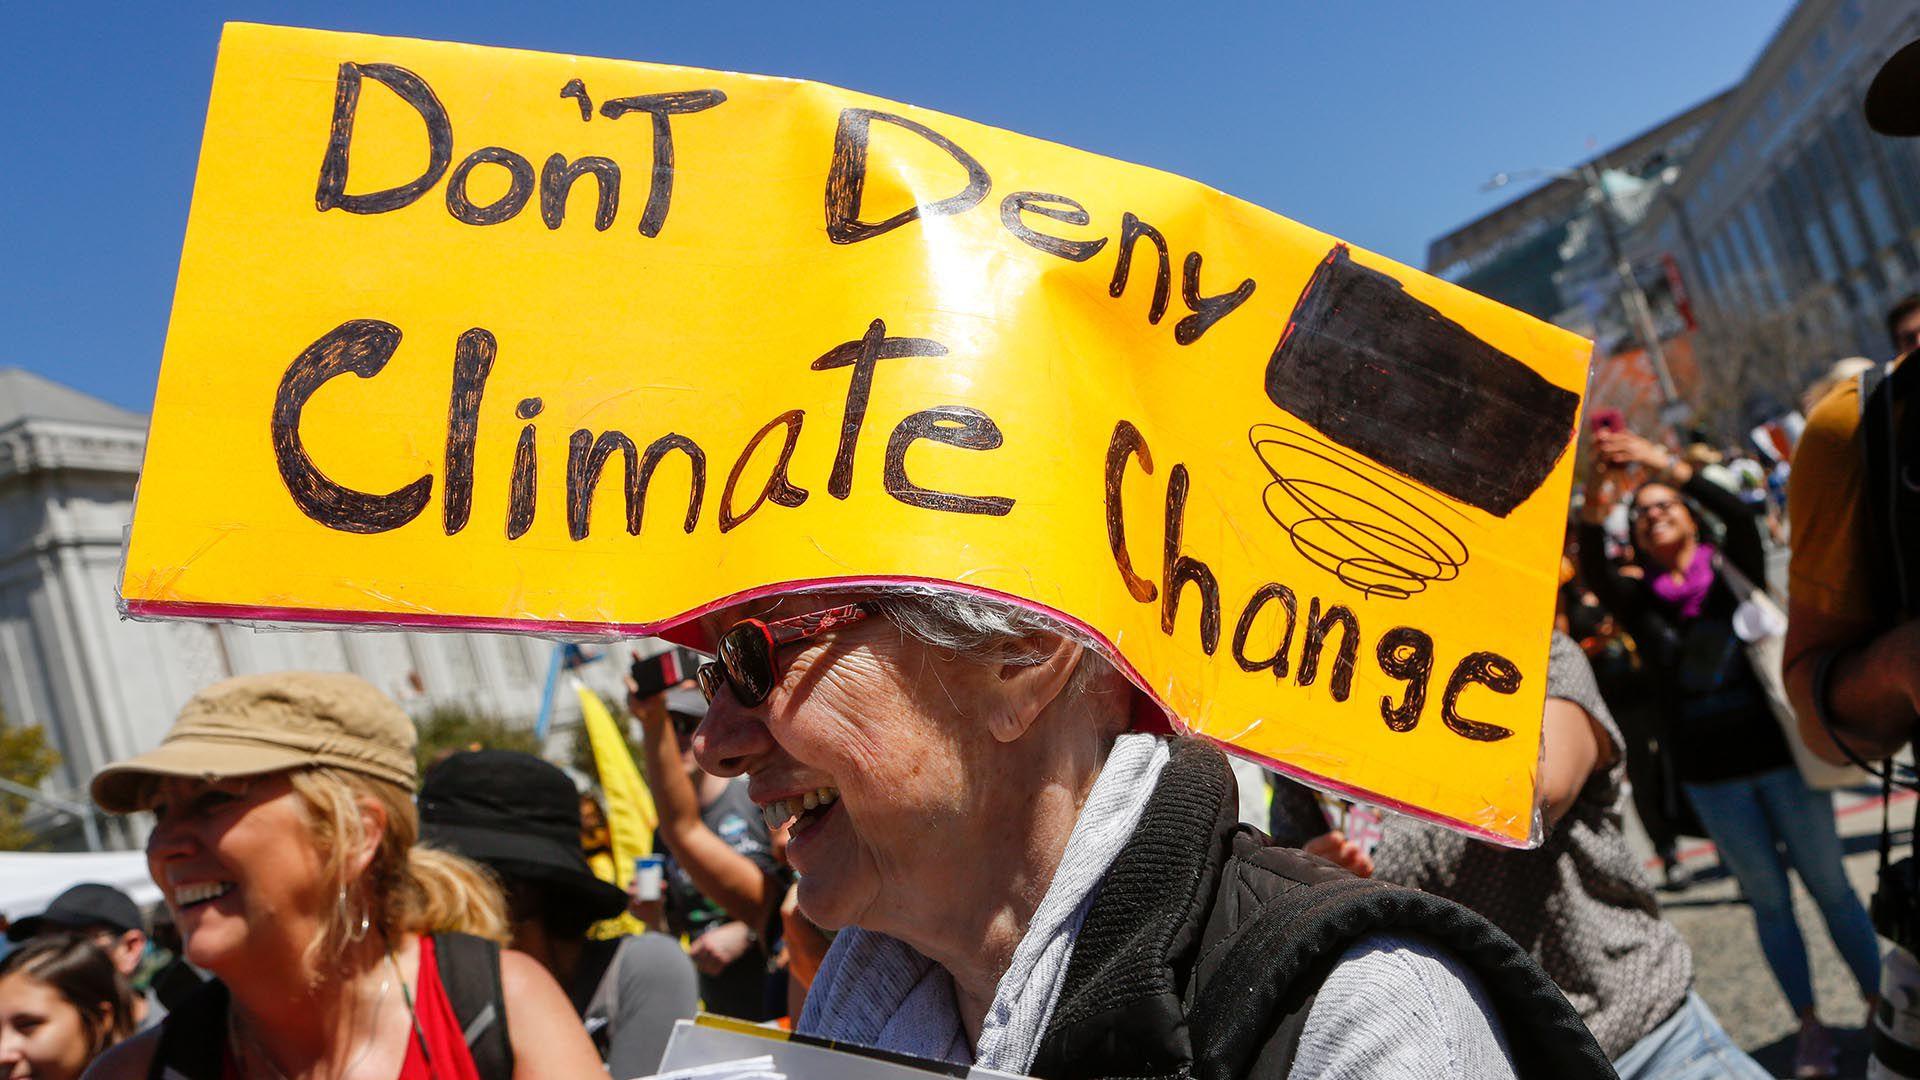 """""""No neguemos el cambio climático"""", dice la particular pancarta de este hombre protestando contra las medidas de Trump frente a la Casa Blanca en 2018. (AFP)"""